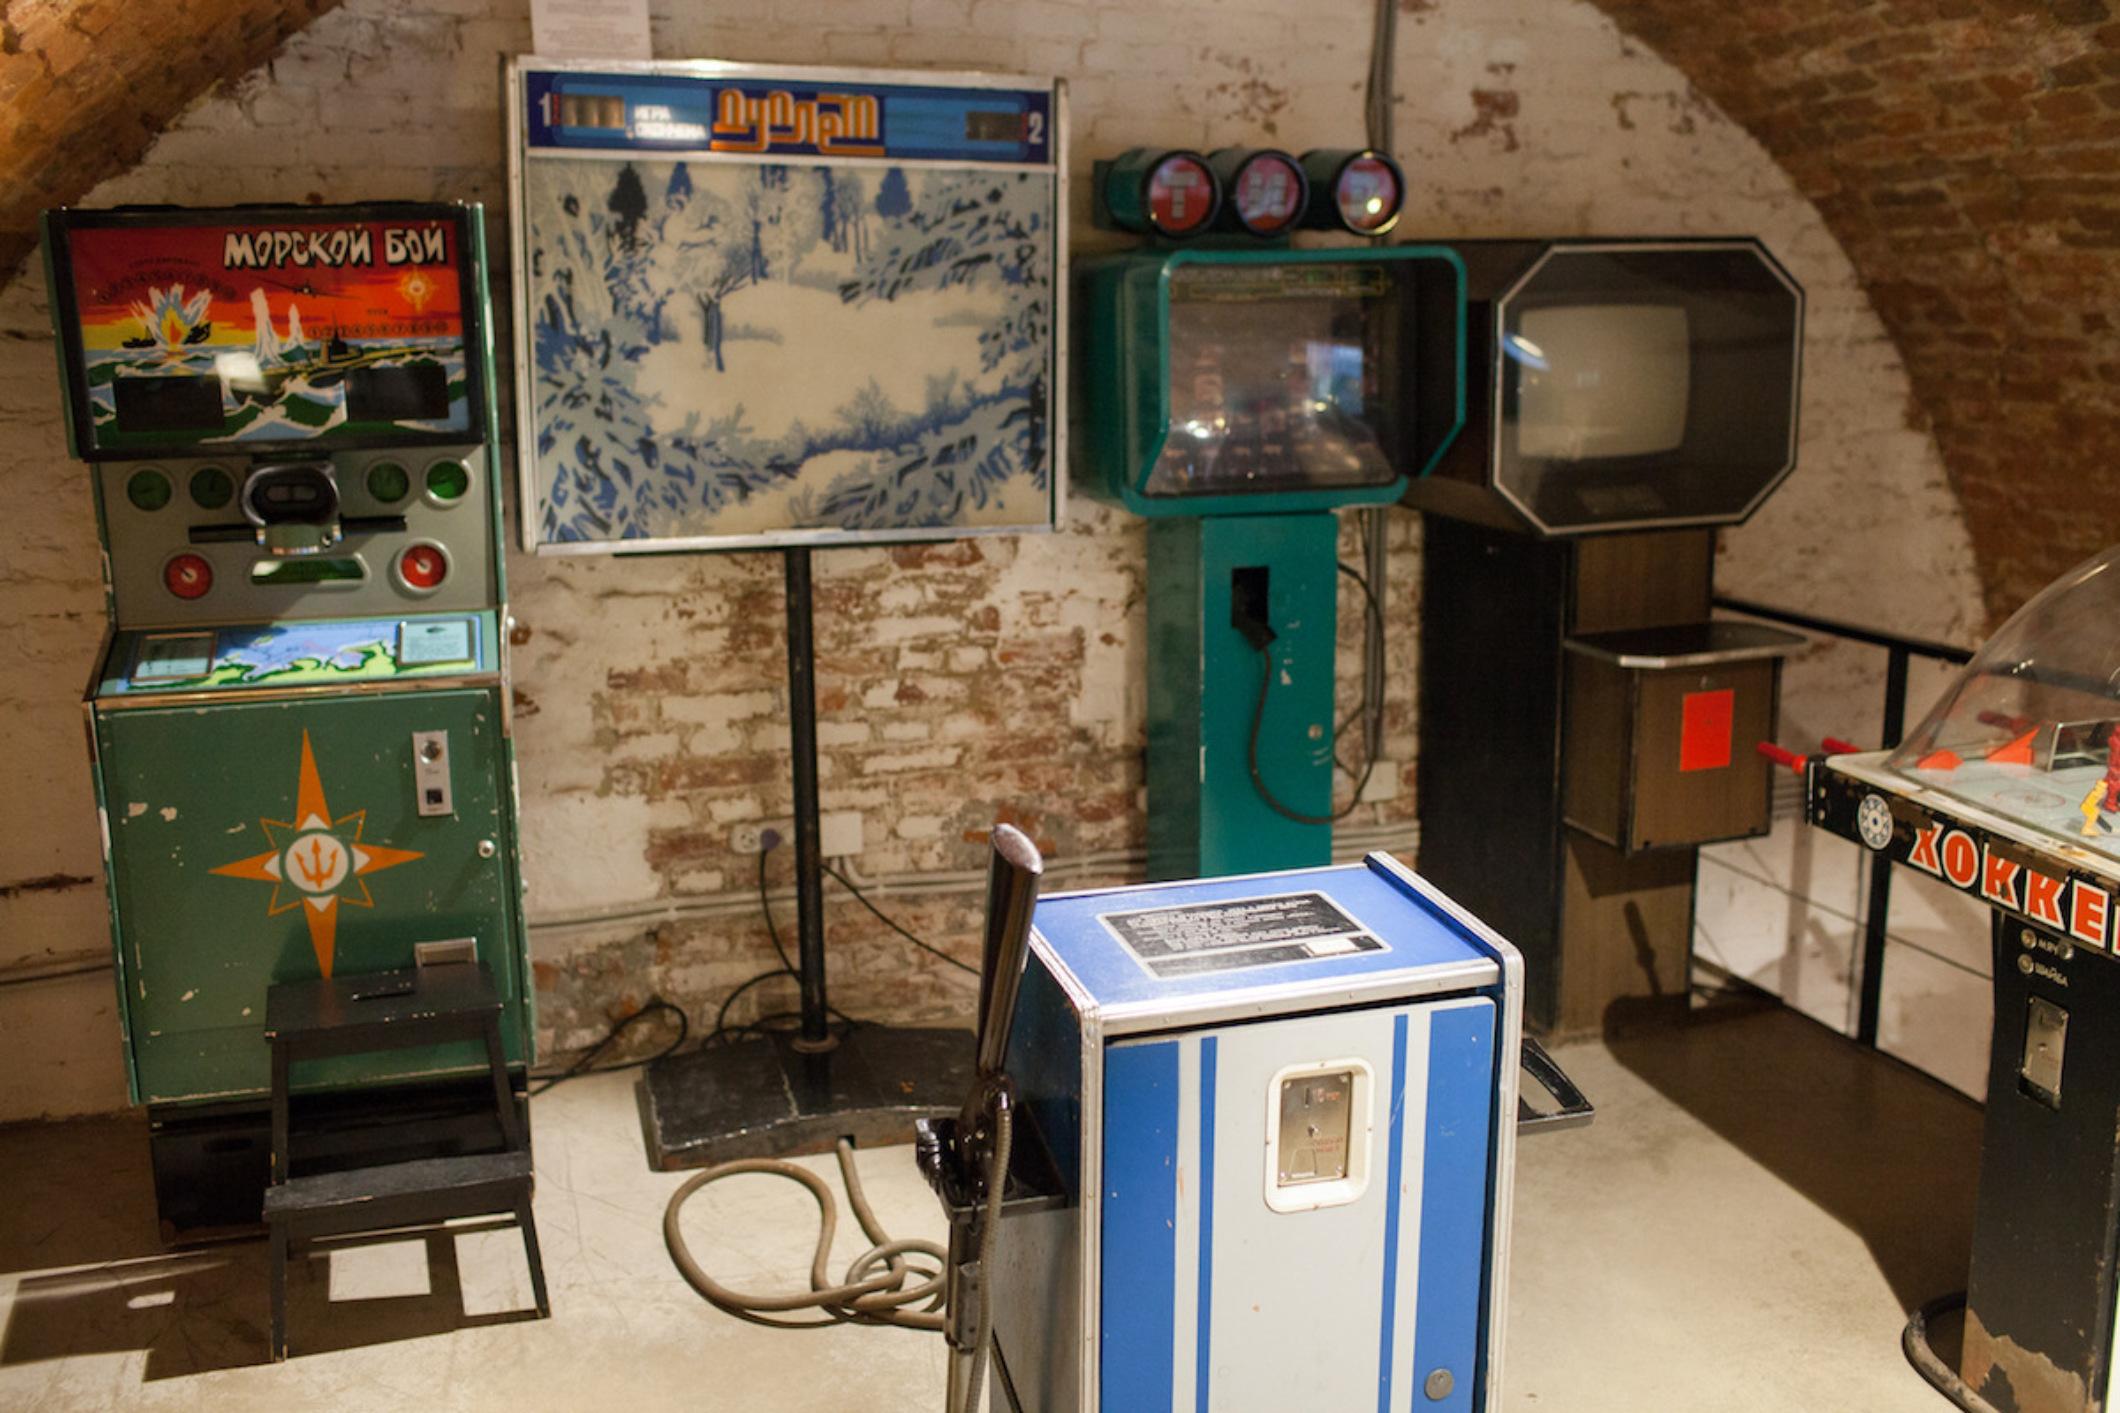 Rfr cjplfnm buhe игру игровые автоматы игровые аппараты орион